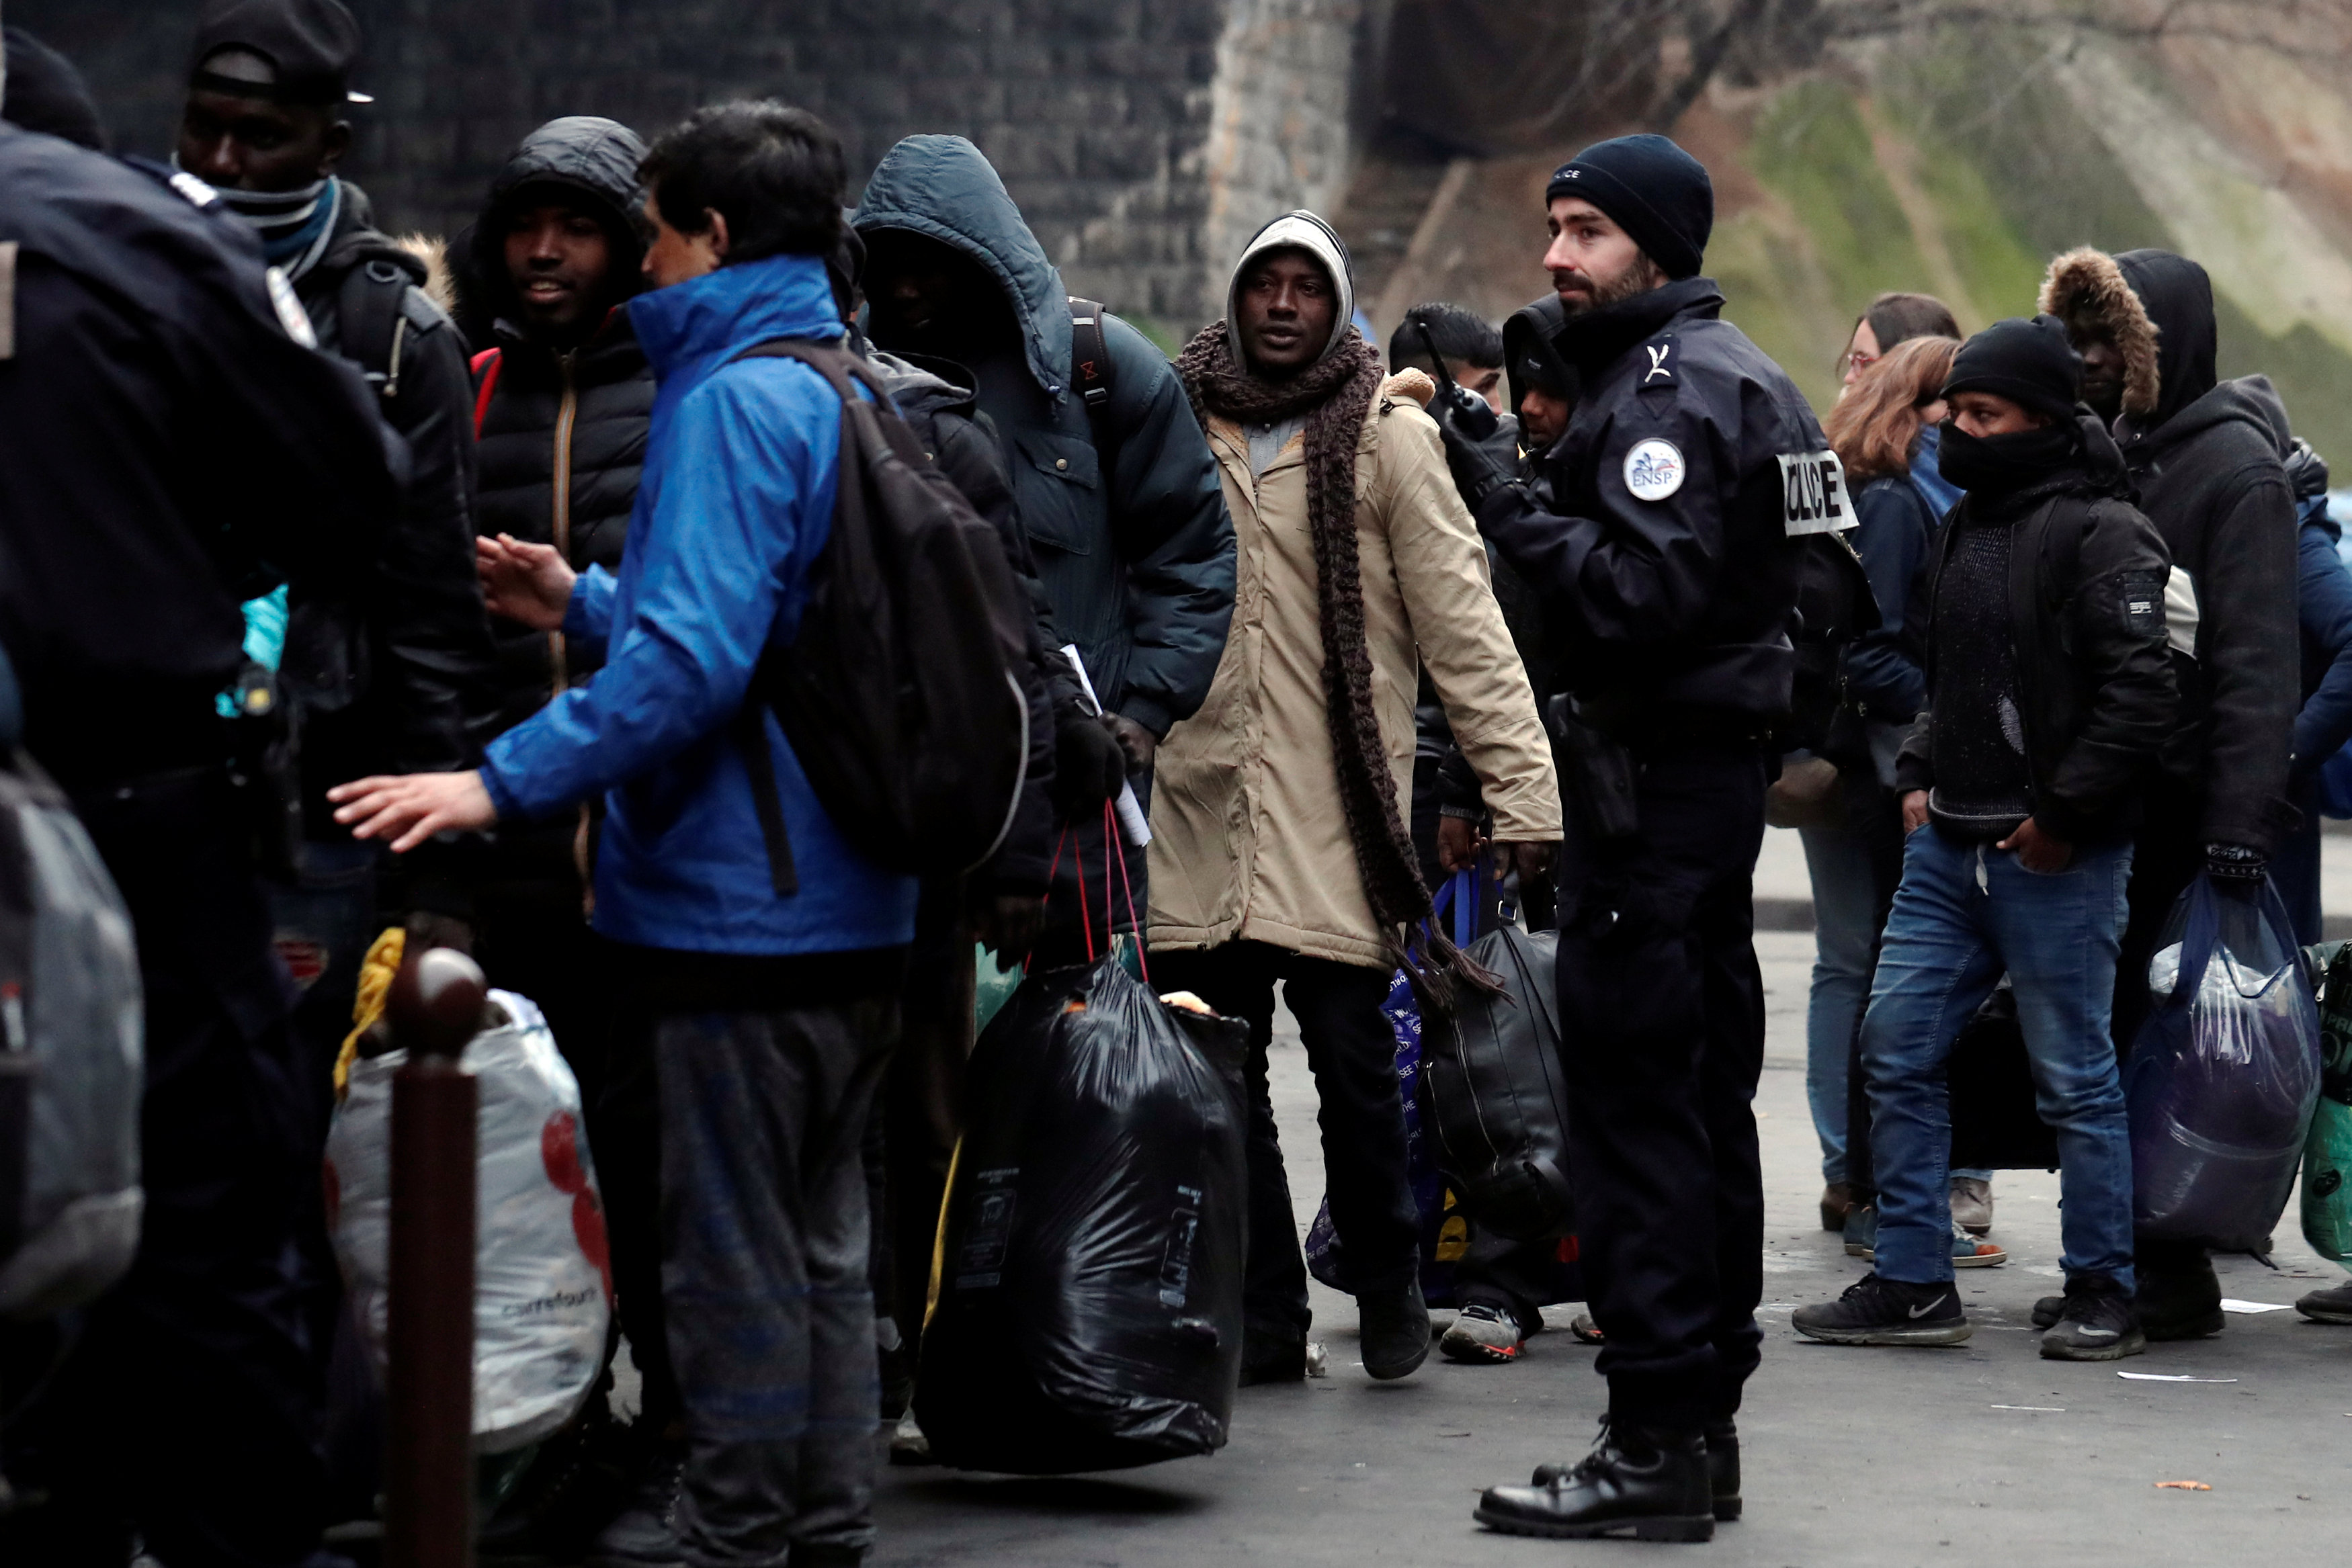 أحد أفراد الشرطة الفرنسية يتابع اللاجئين